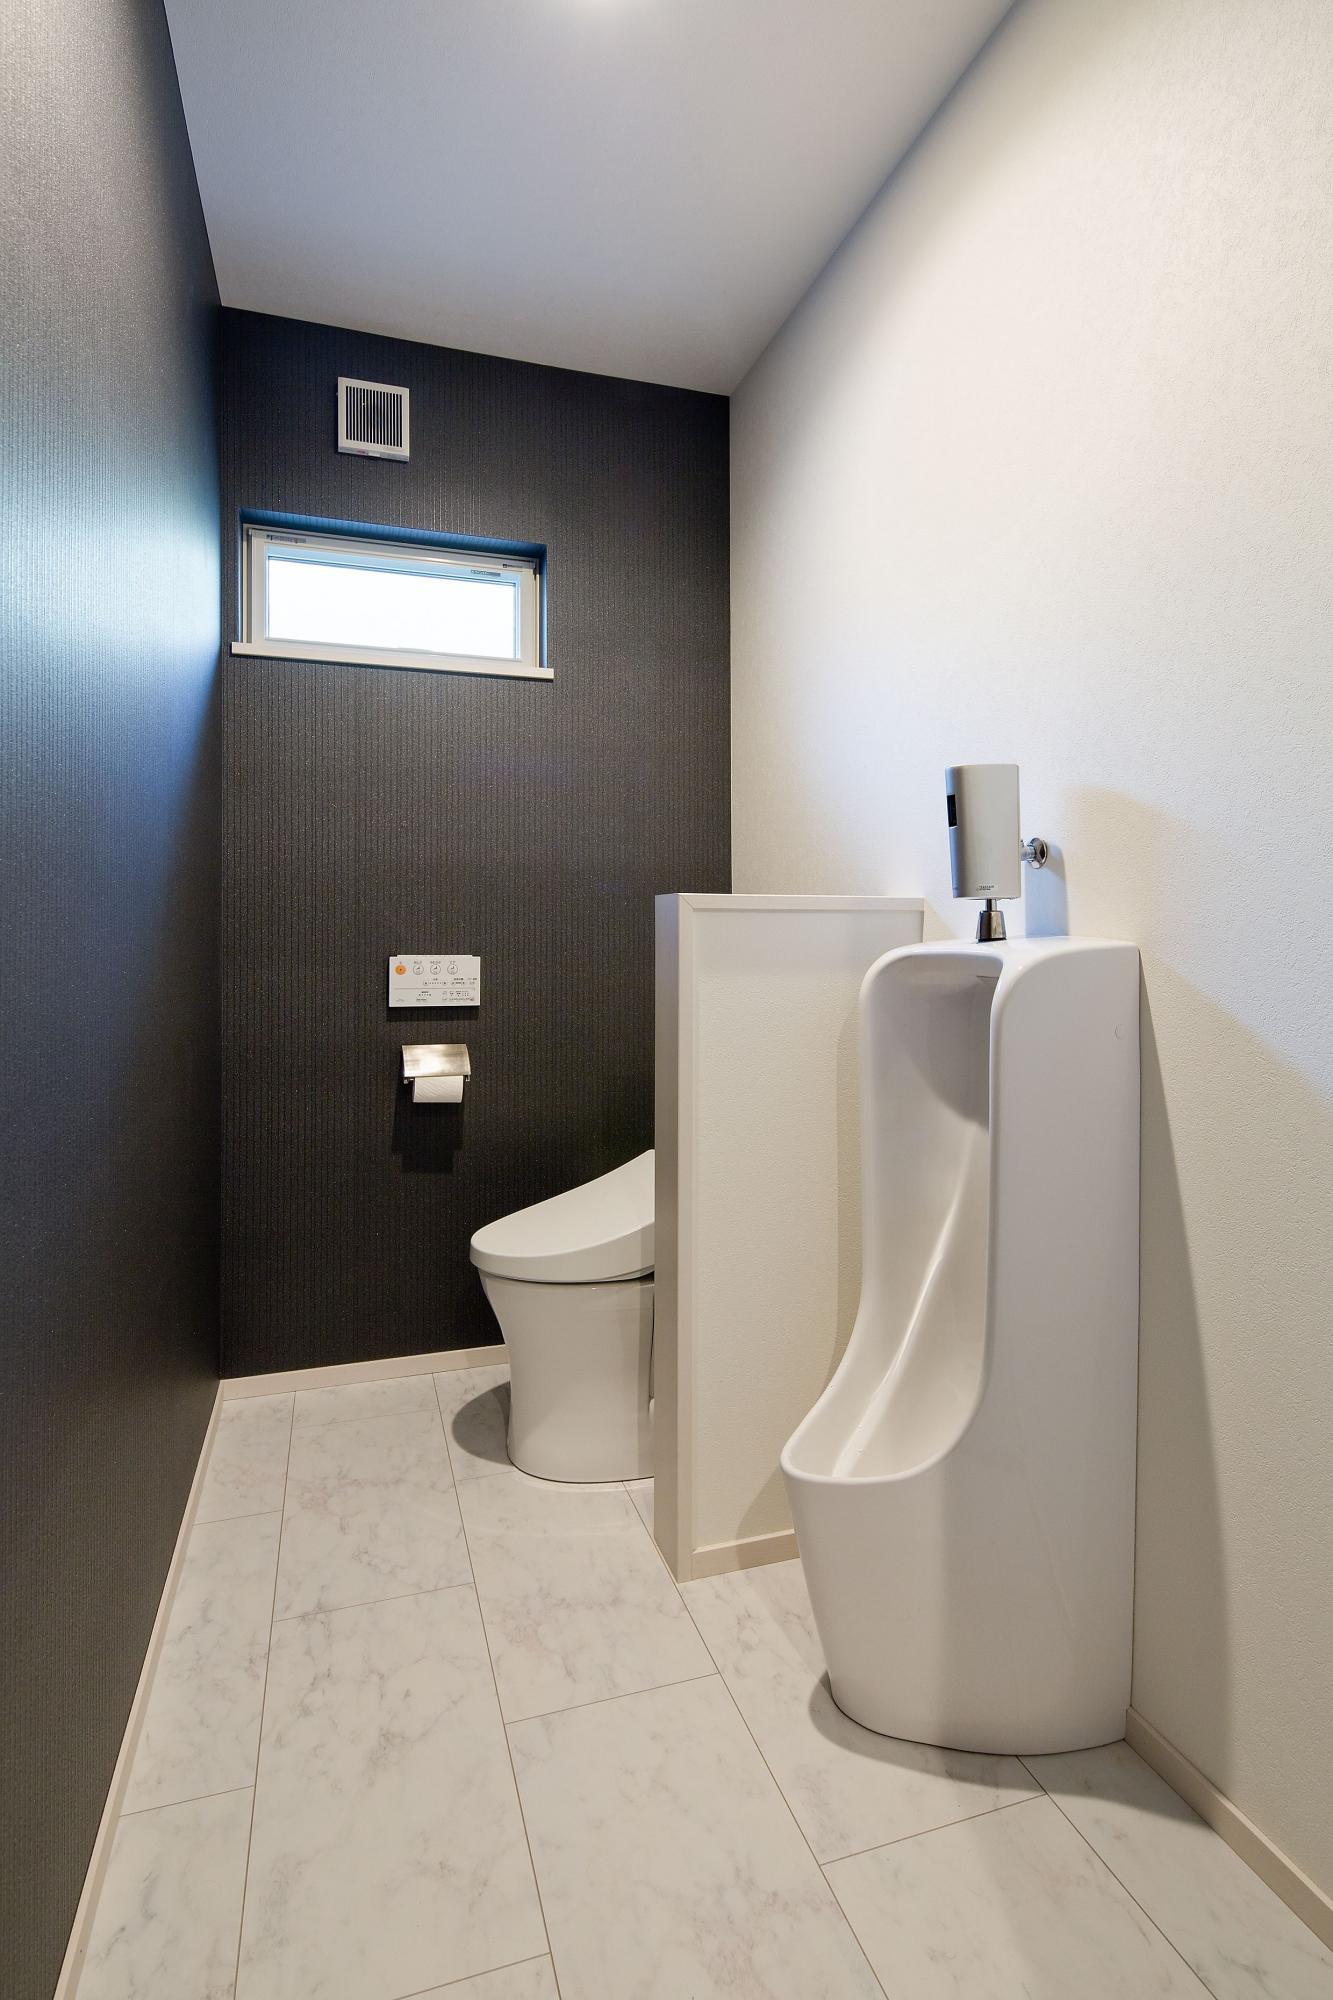 トイレは2カ所に計画。こちらの新設したトイレには大便器の他に小便器も設置し、トイレの外には来客用の手洗い器を設けた。